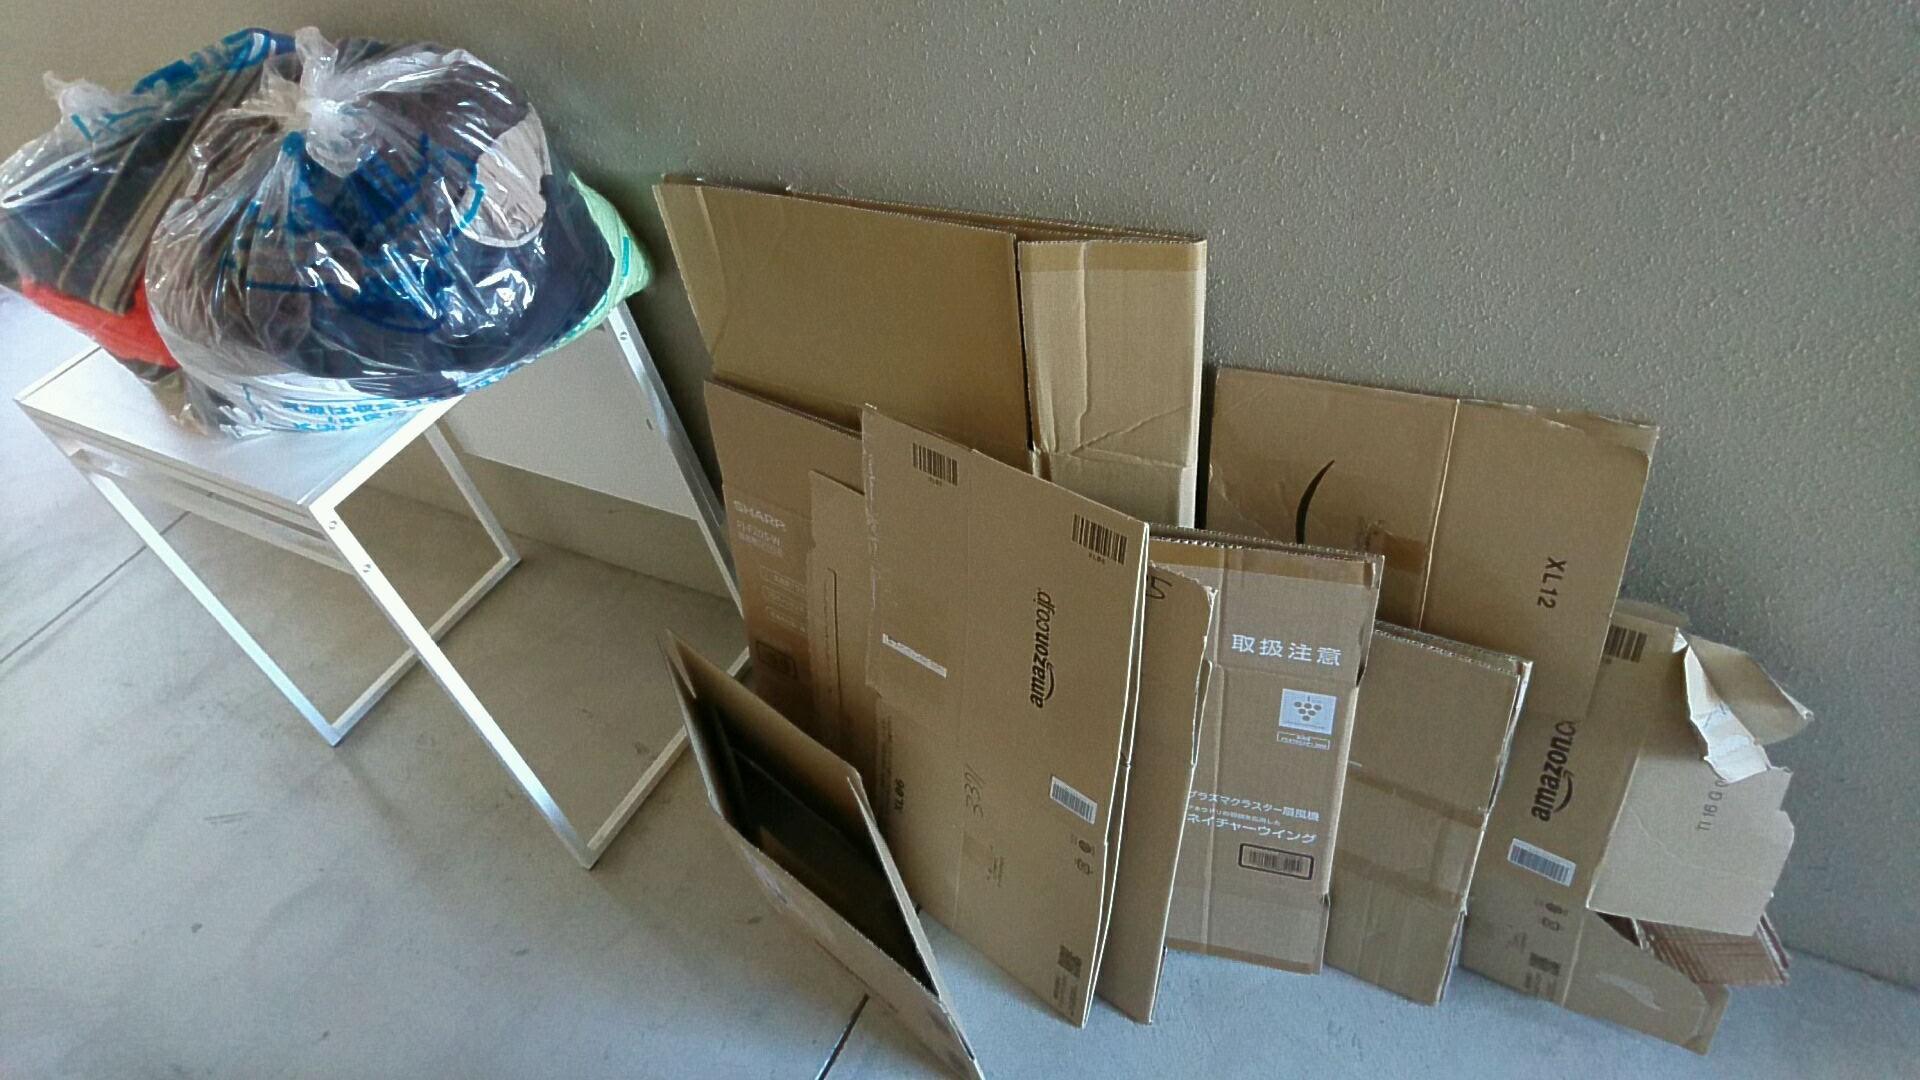 【愛知県名古屋市千種区】段ボールやゴミ袋、デスクの回収